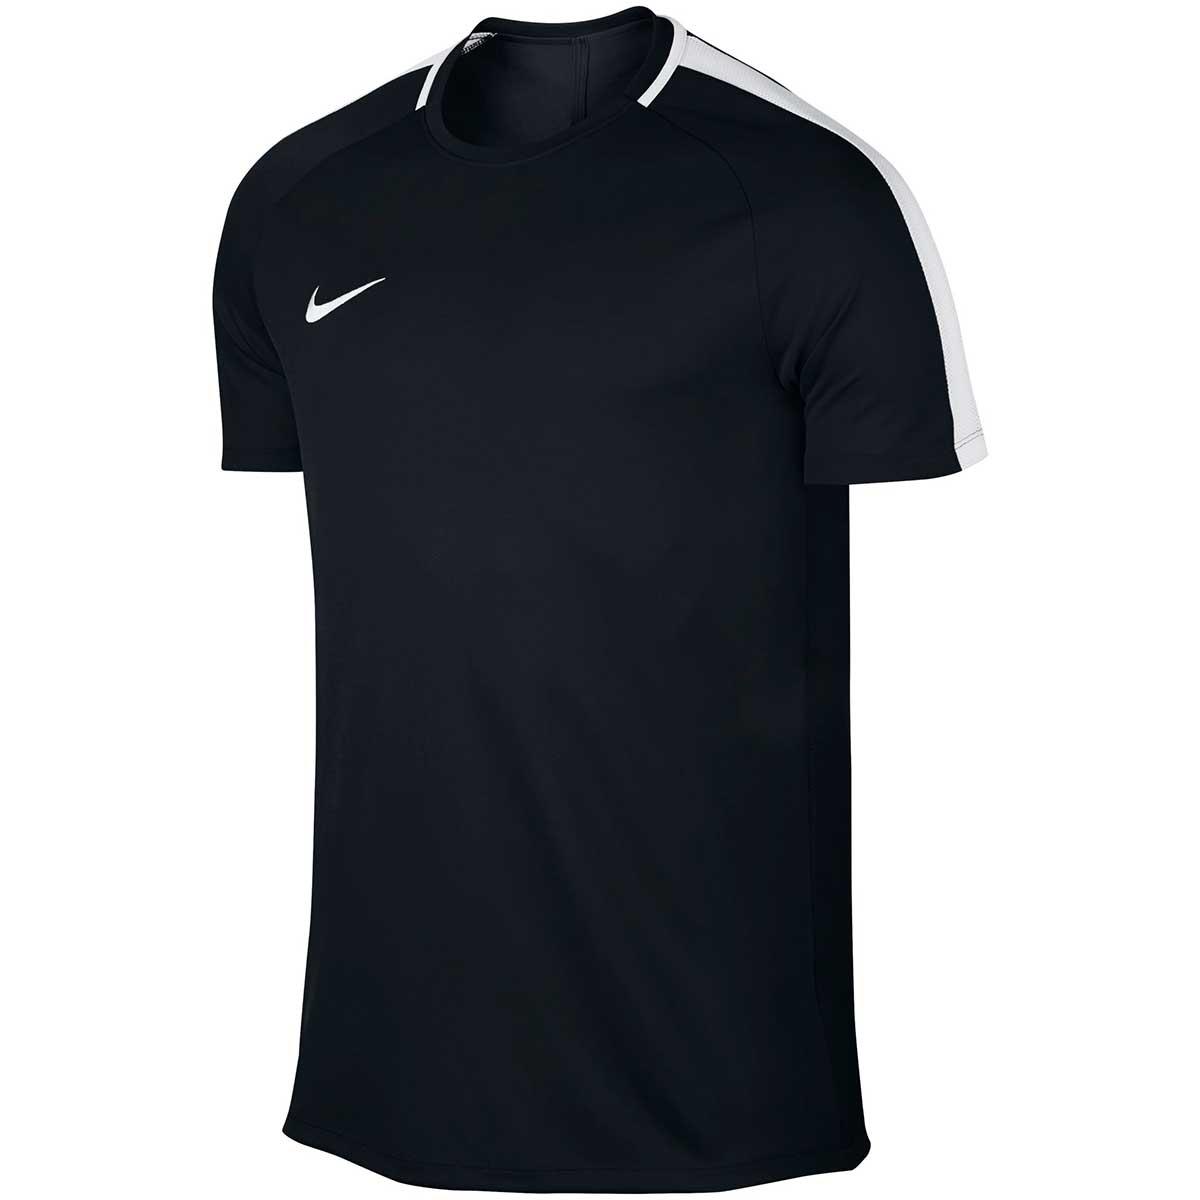 Buy Nike Men S Dry Academy Football T Shirt Black White